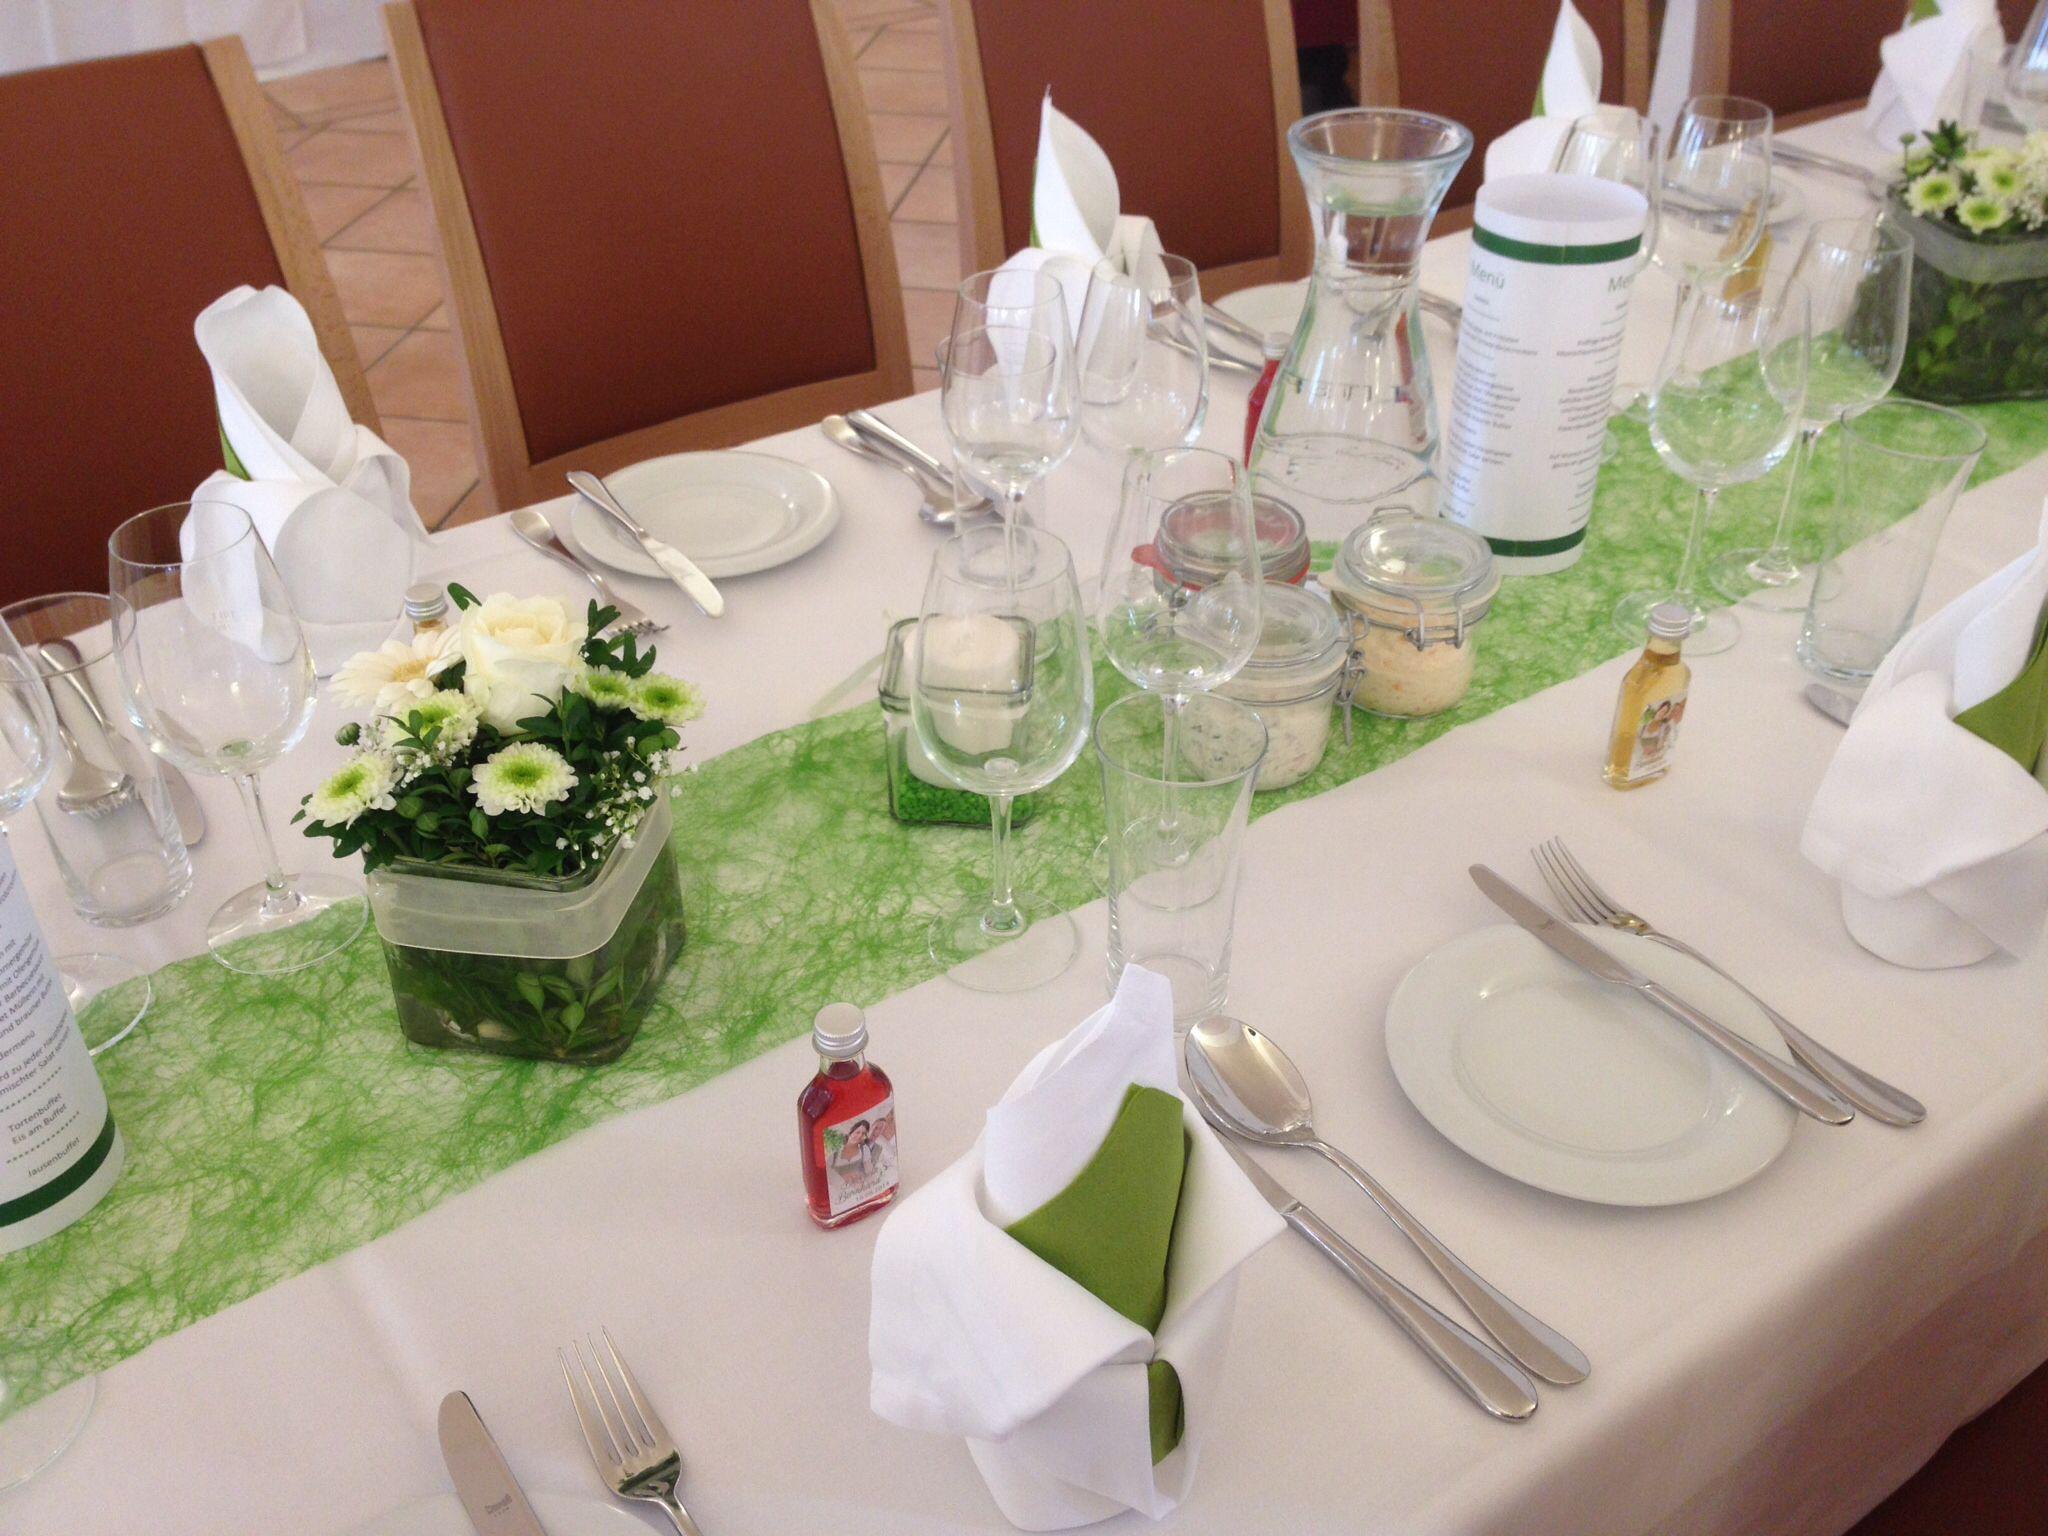 Grünes Sizoflor Blumendekoration in weiss und grün